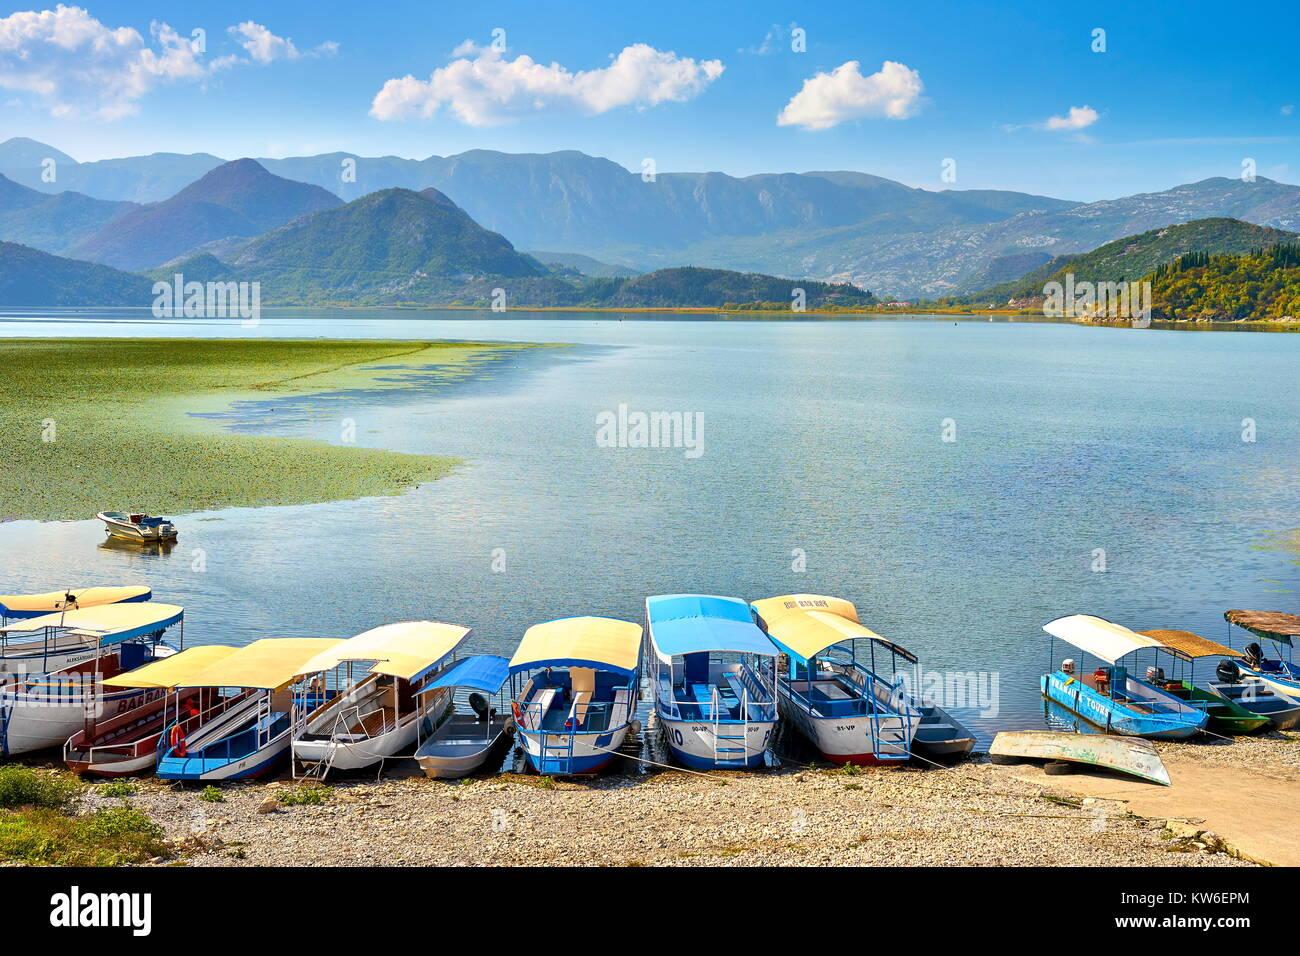 Barca per gite in attesa per i turisti, Lago di Skadar, Montenegro Immagini Stock